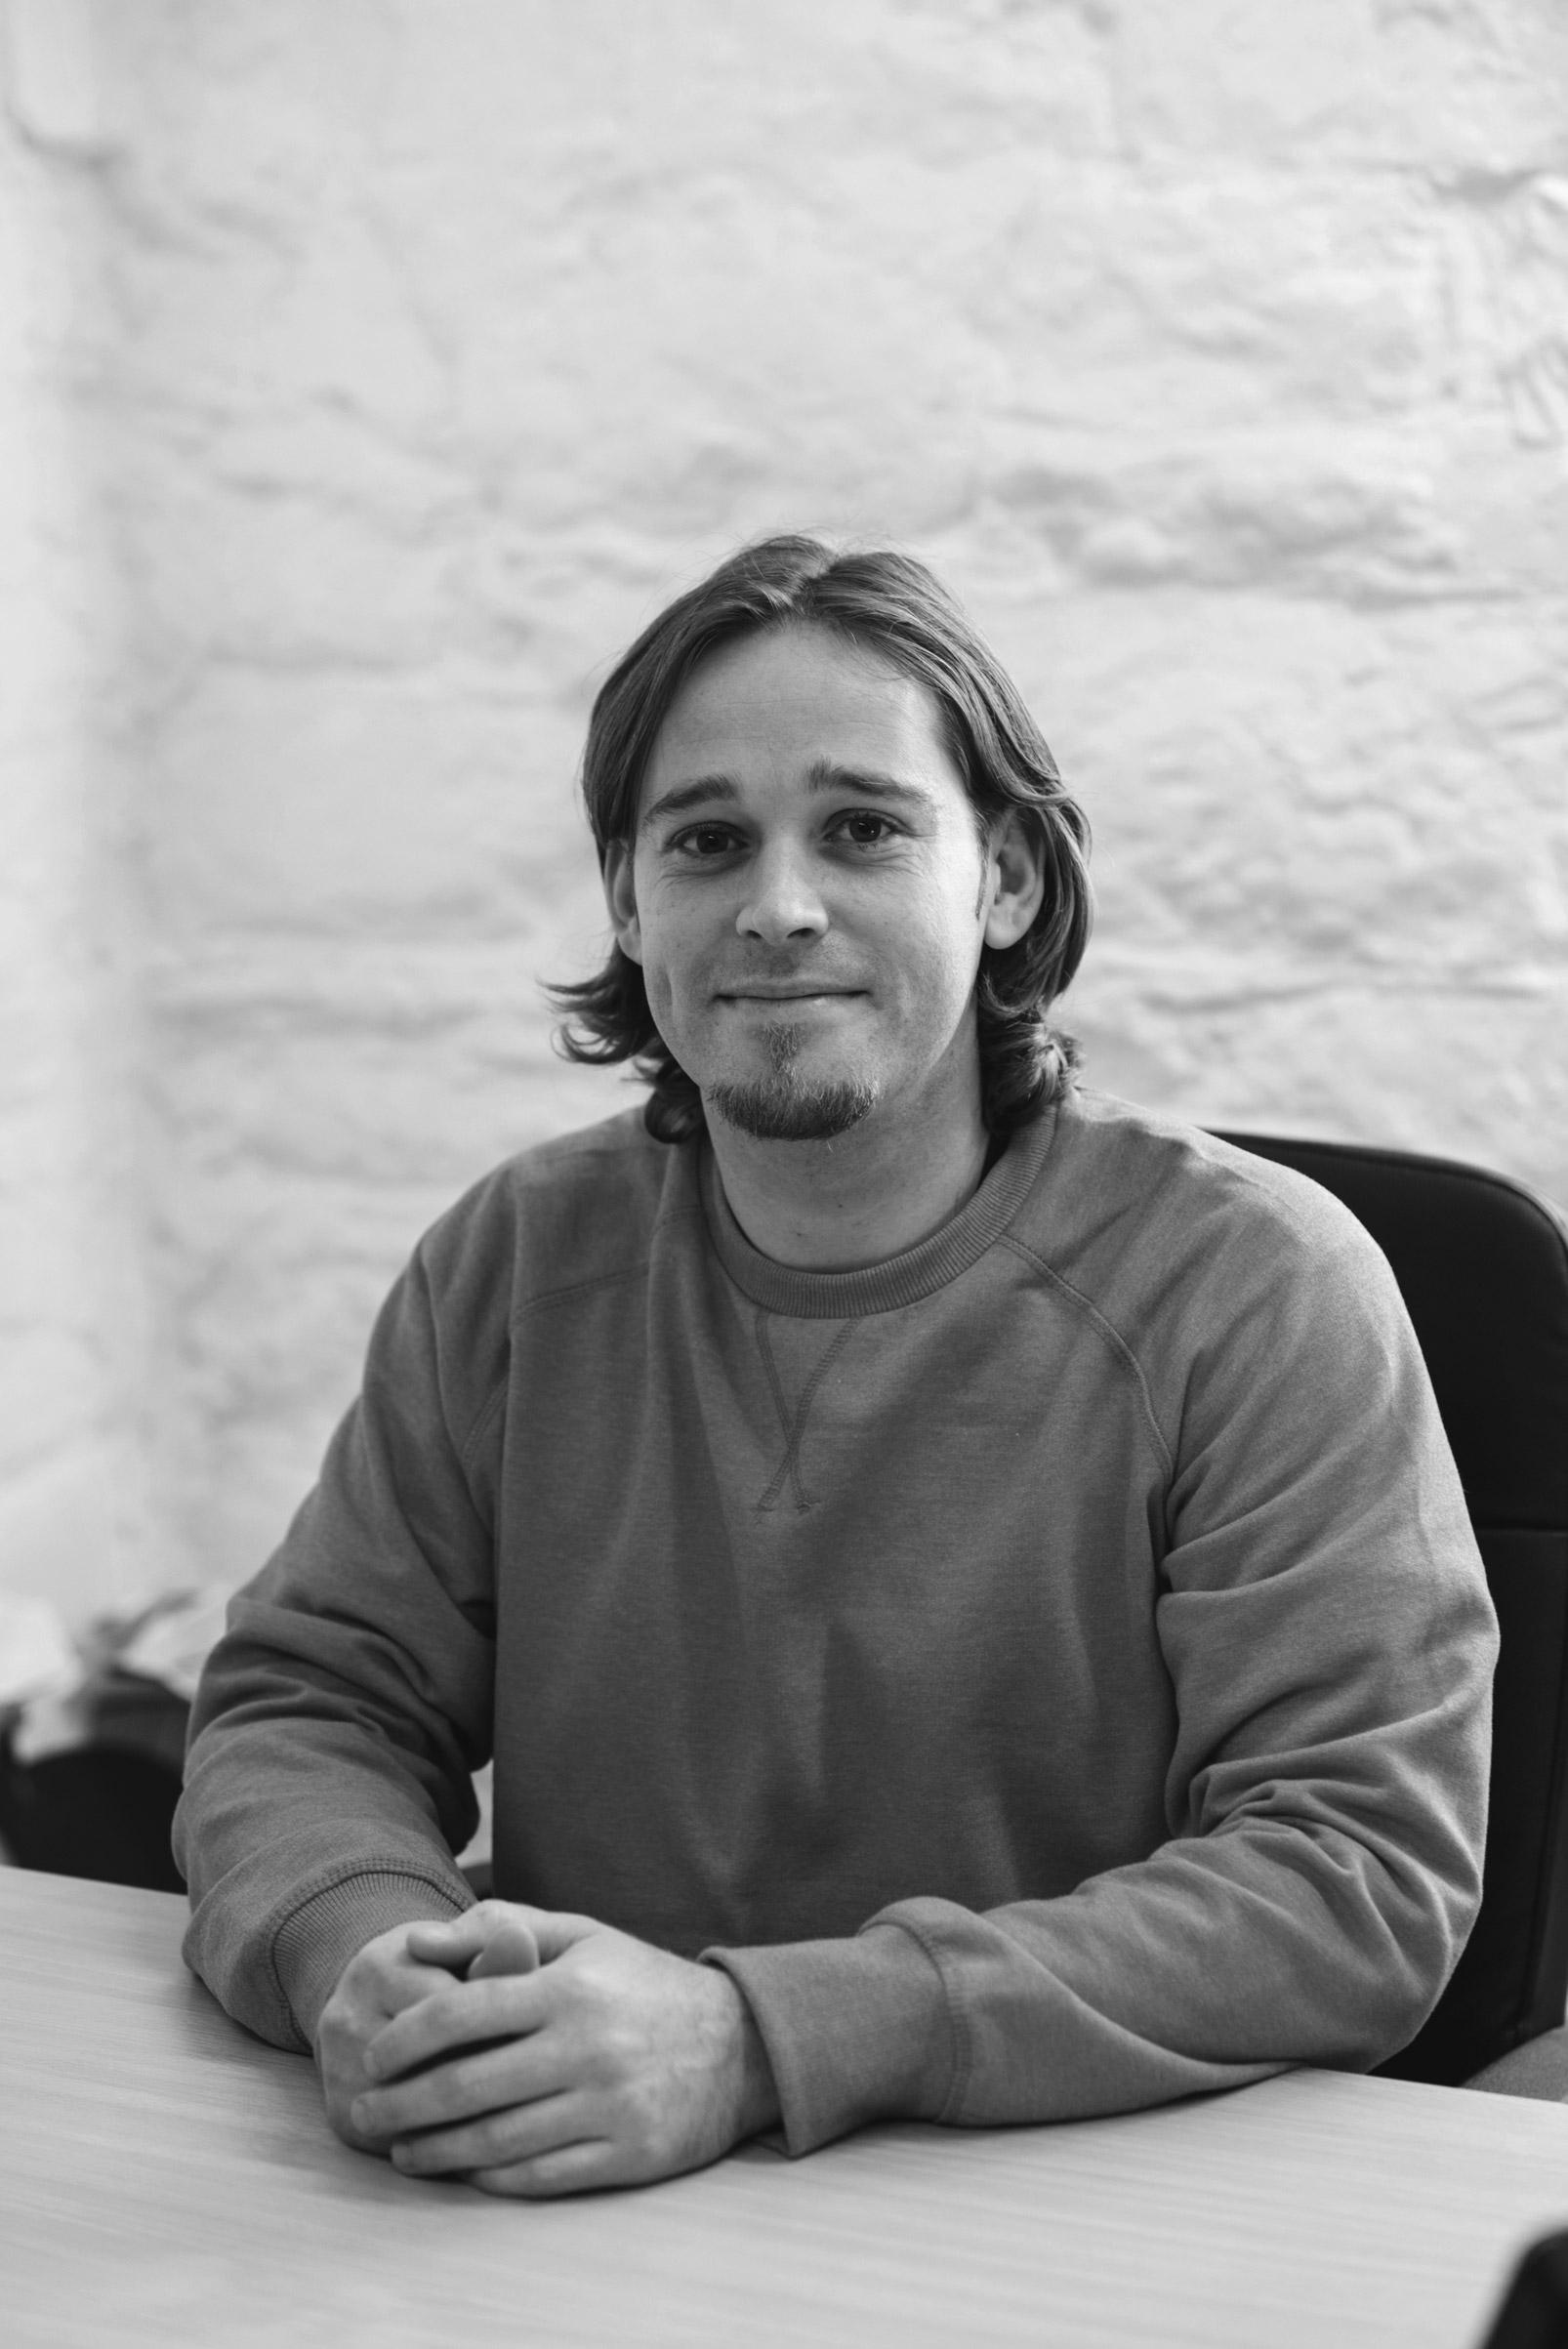 Pete-Holmes-BA-(Hons)-CeMAP,-Mortgage-Advisor2-